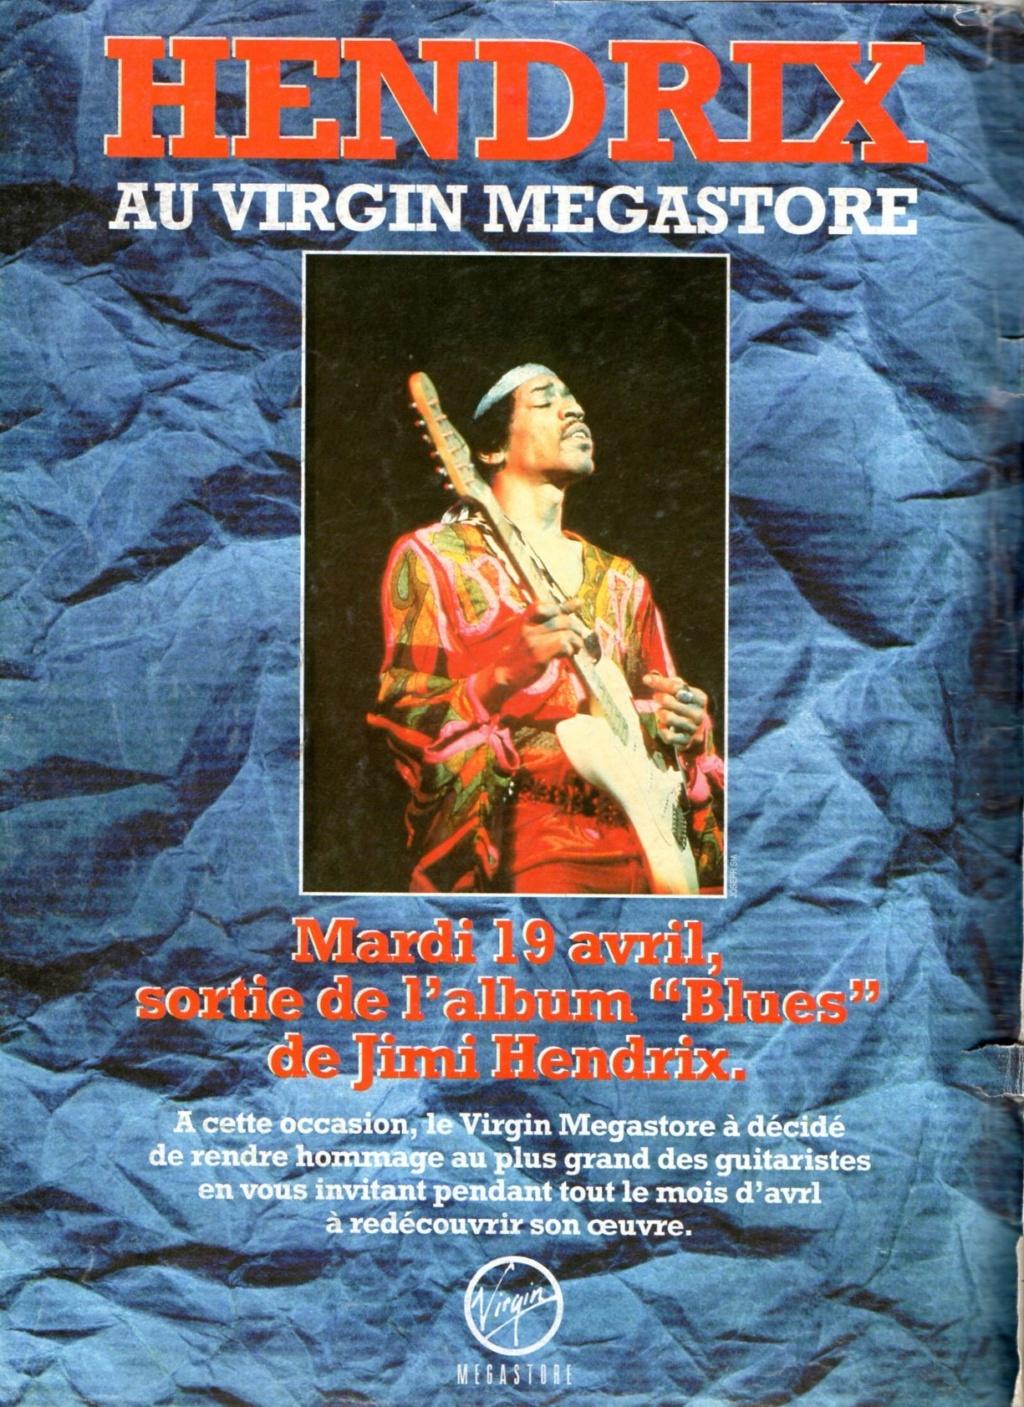 Magazines Français 1989 - 2014 - Page 2 Guitar22